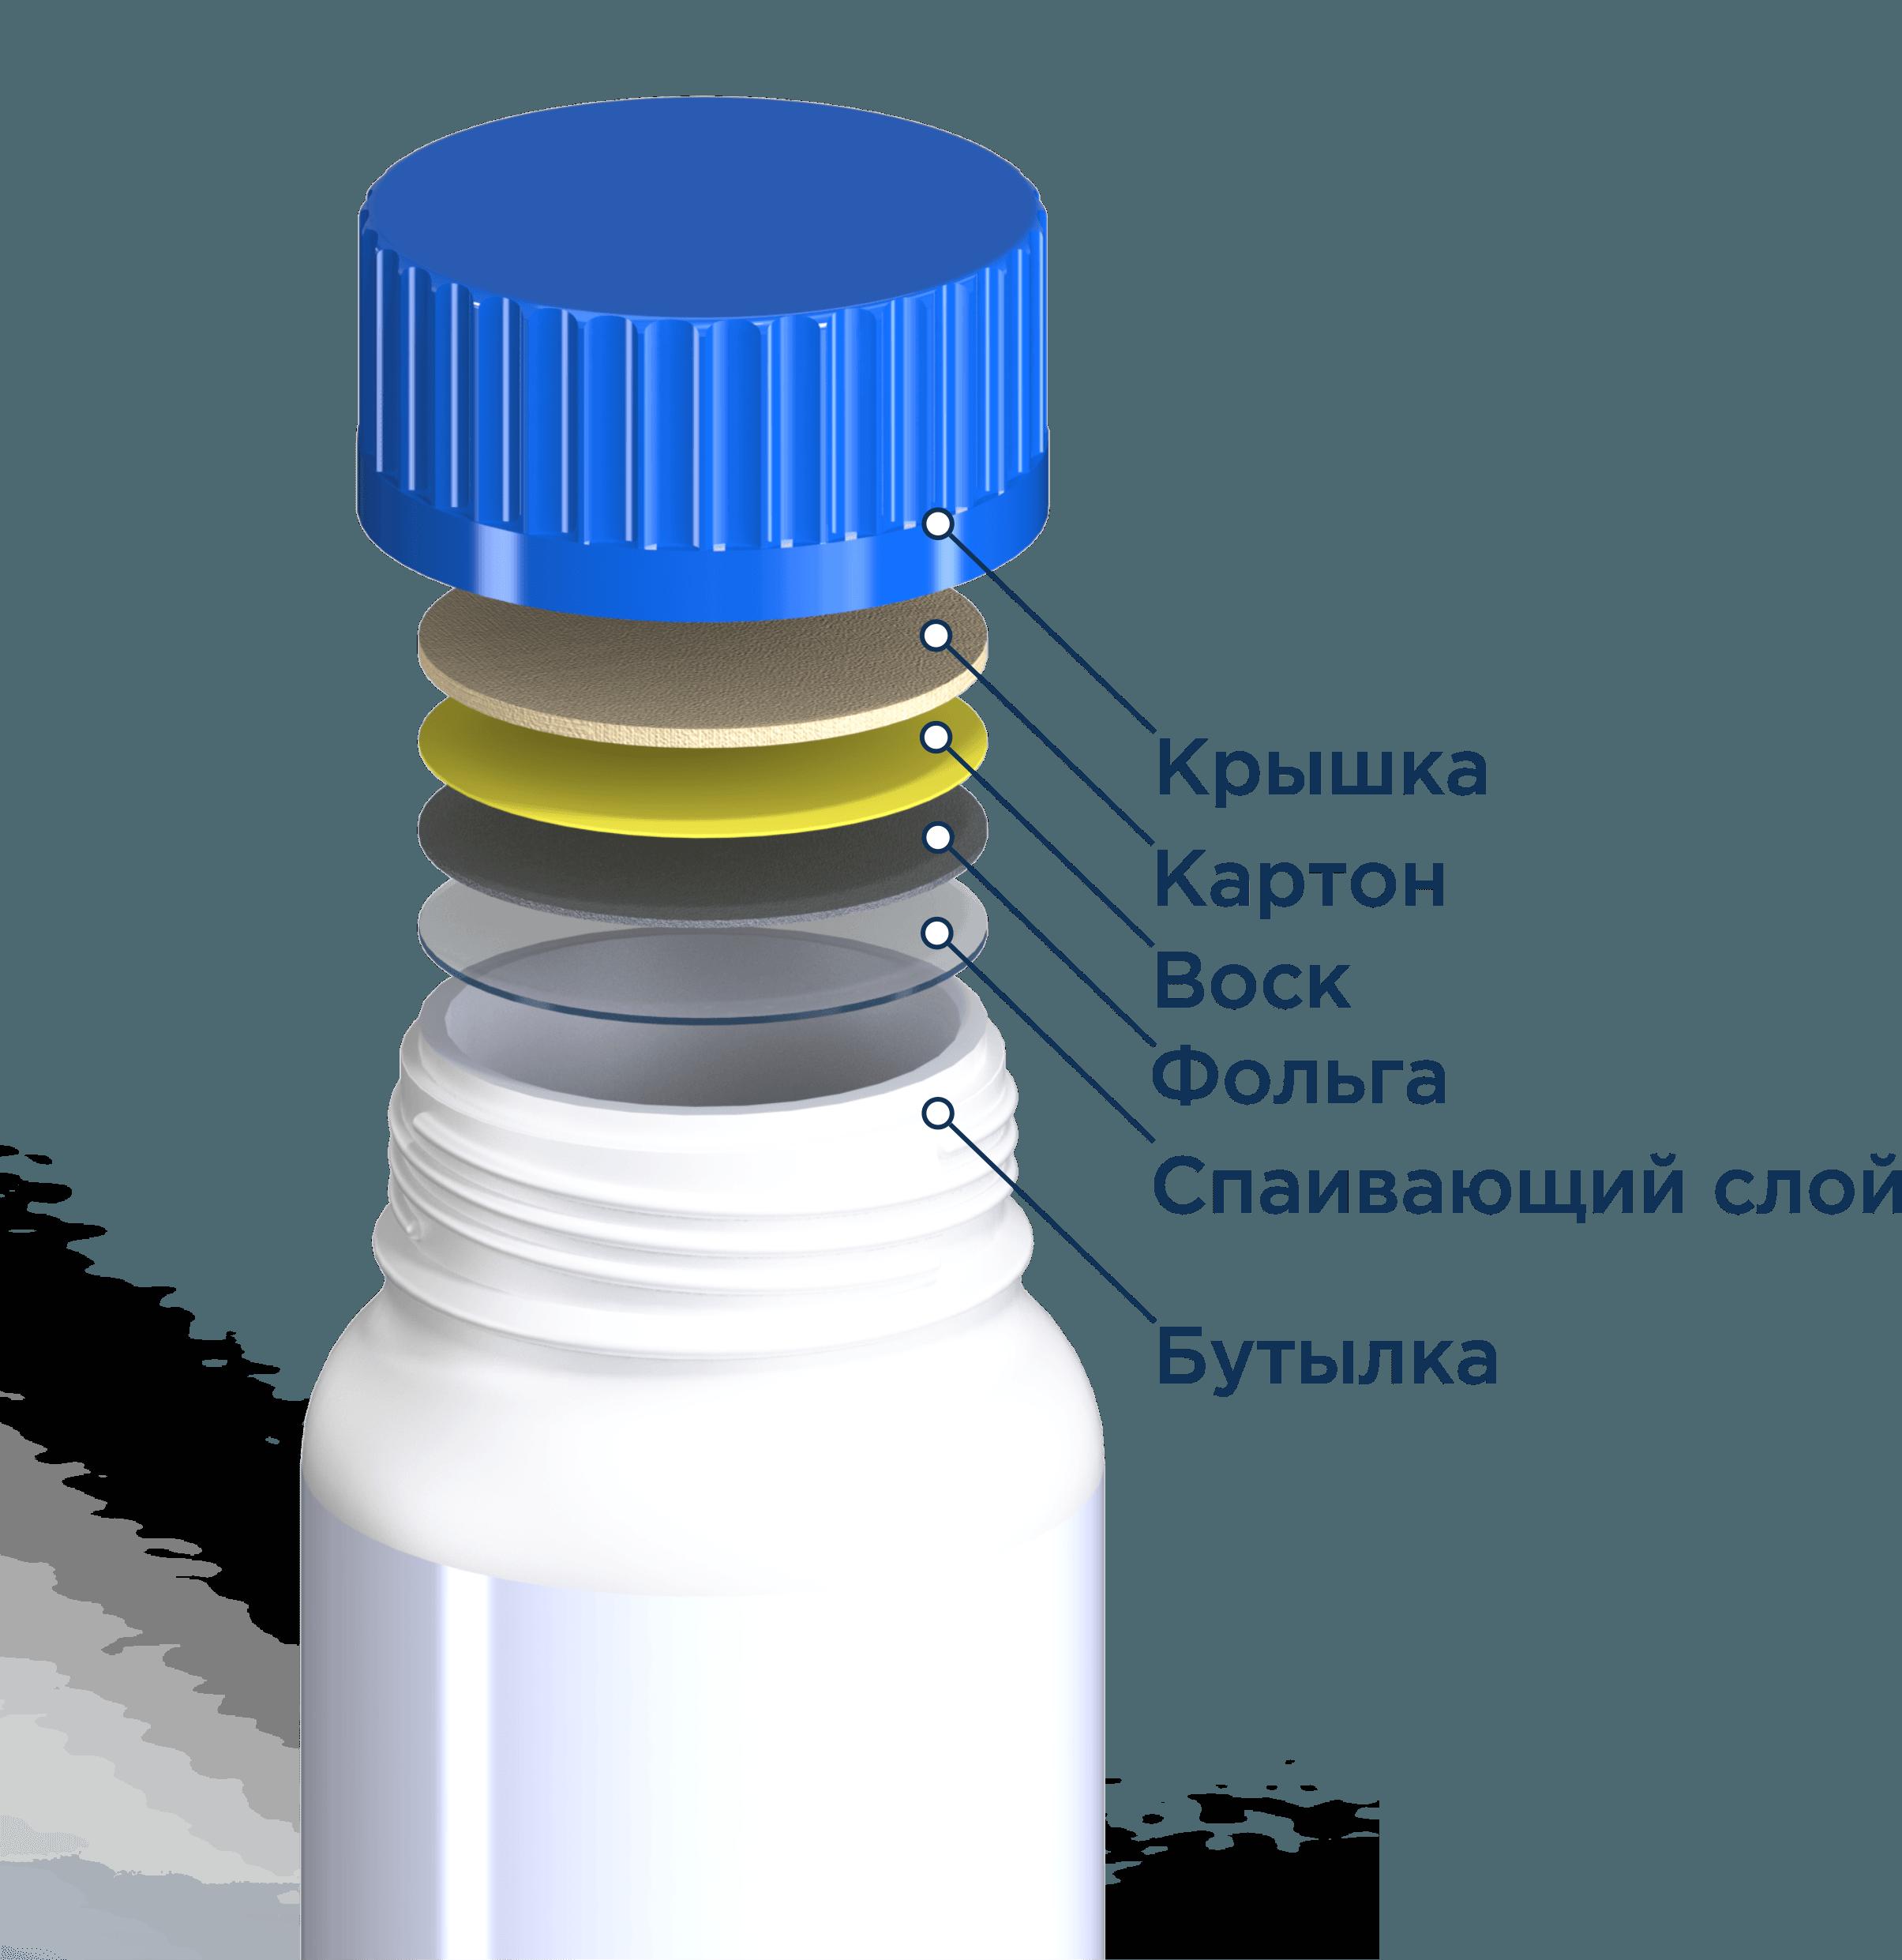 Бутылка +вкладыш описание